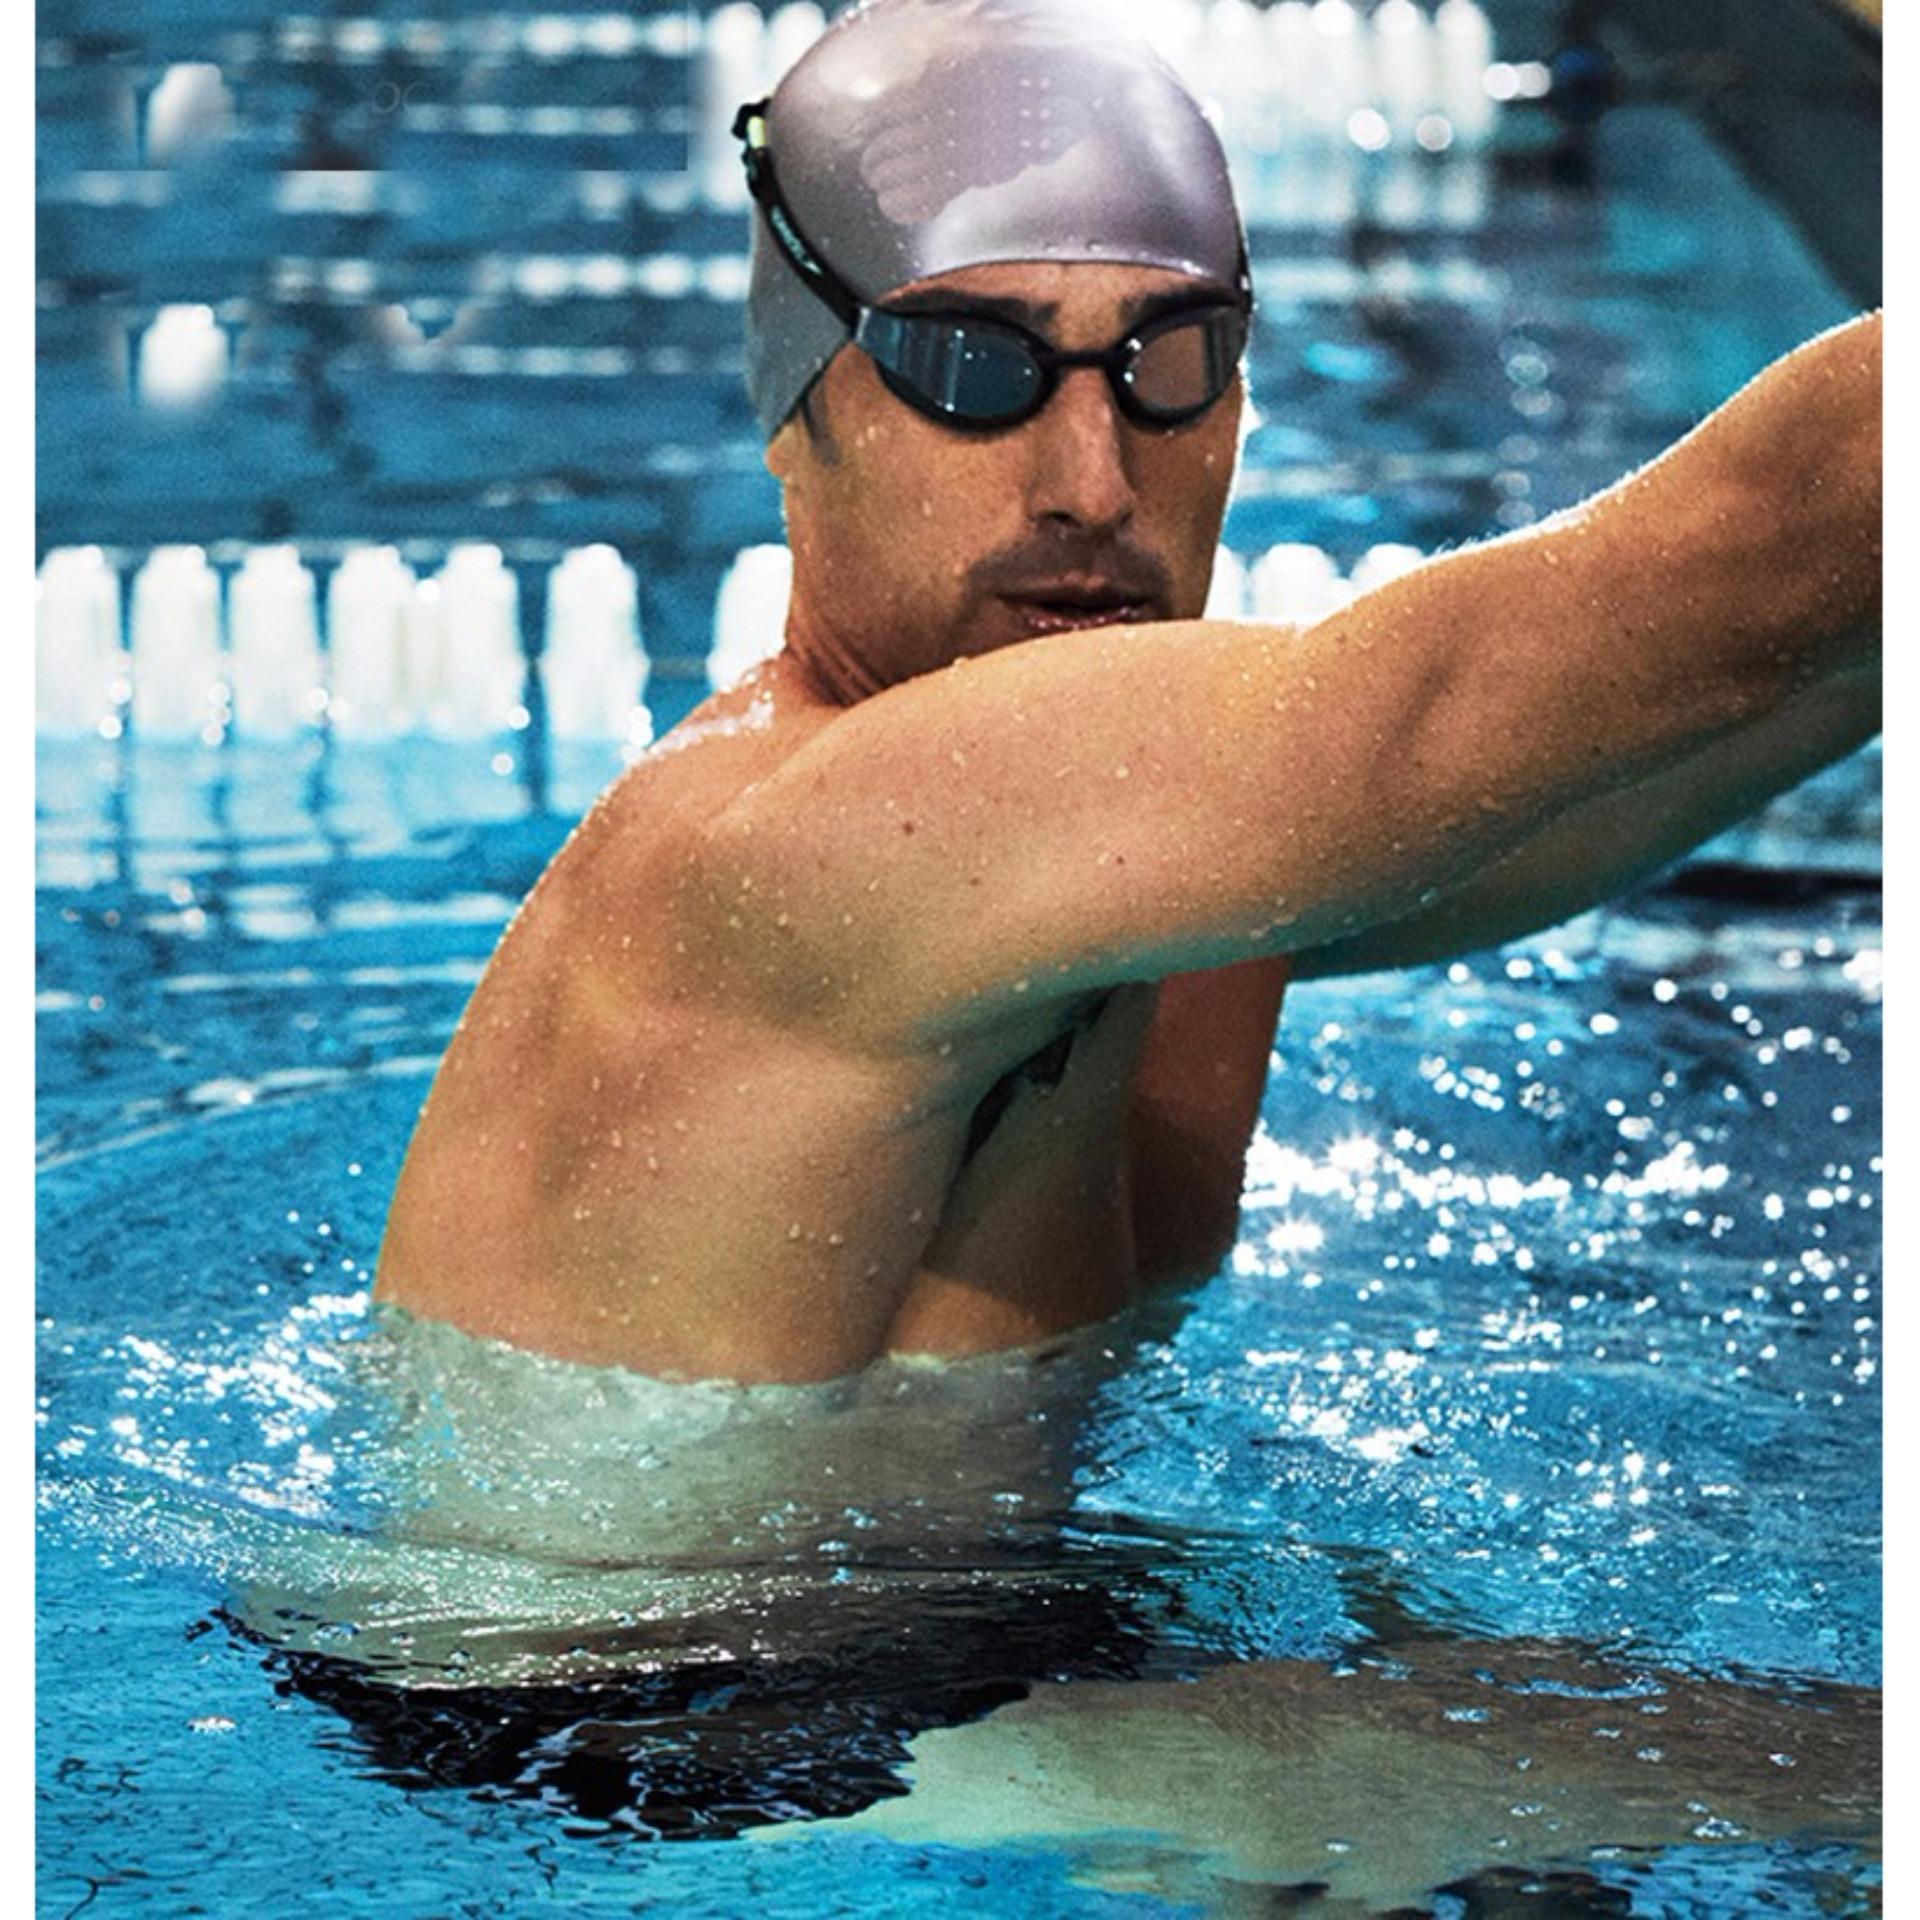 Nón bơi mũ bơi trơn silicone chống thống nước cao cấp CA31 POPO Collection 27